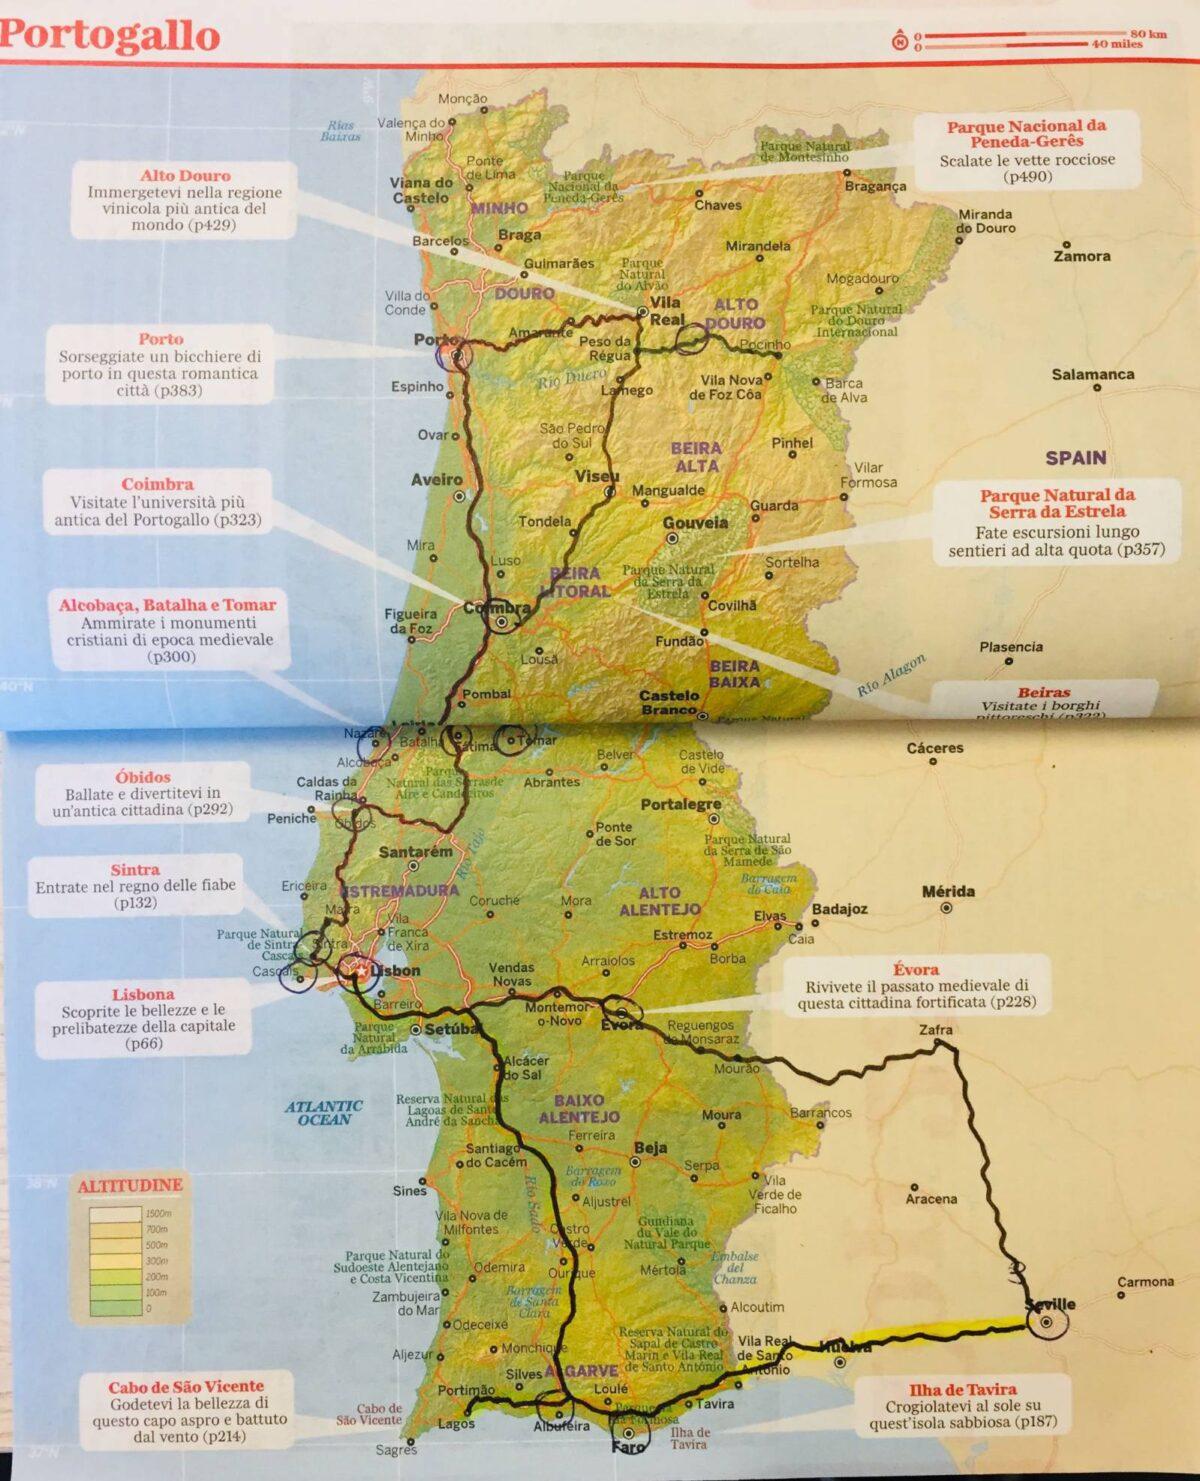 Itinerario di viaggio in Portogallo